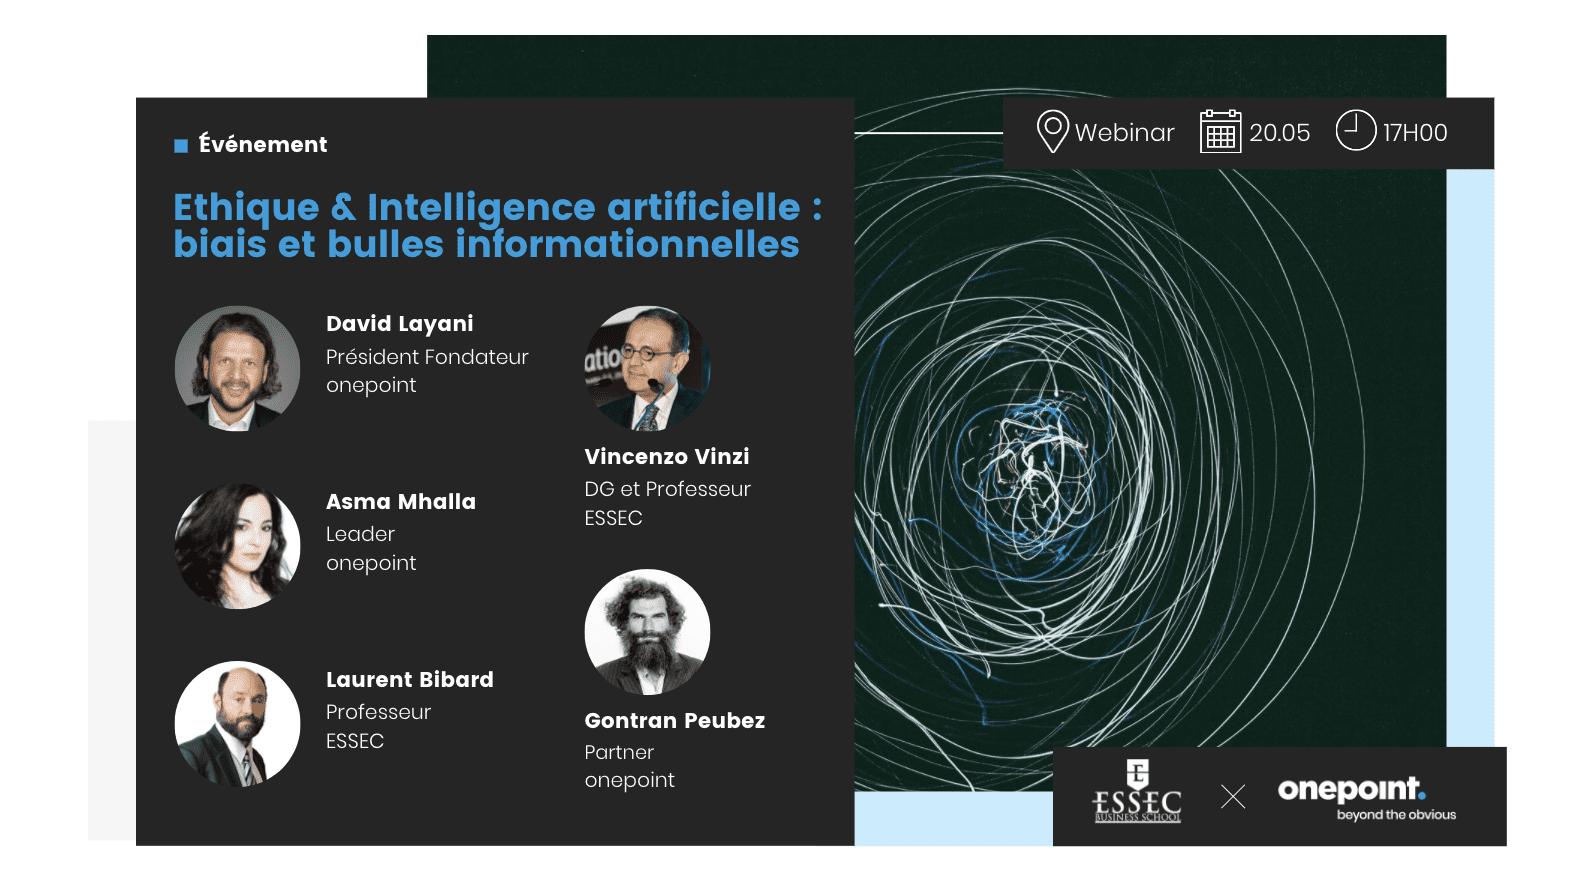 Visuel présentant l'événement inaugural du partenariat stratégique de onepoint avec le Metalab de l'ESSEC sur la dimension éthique et intelligence artificielle, du 20 mai 2021